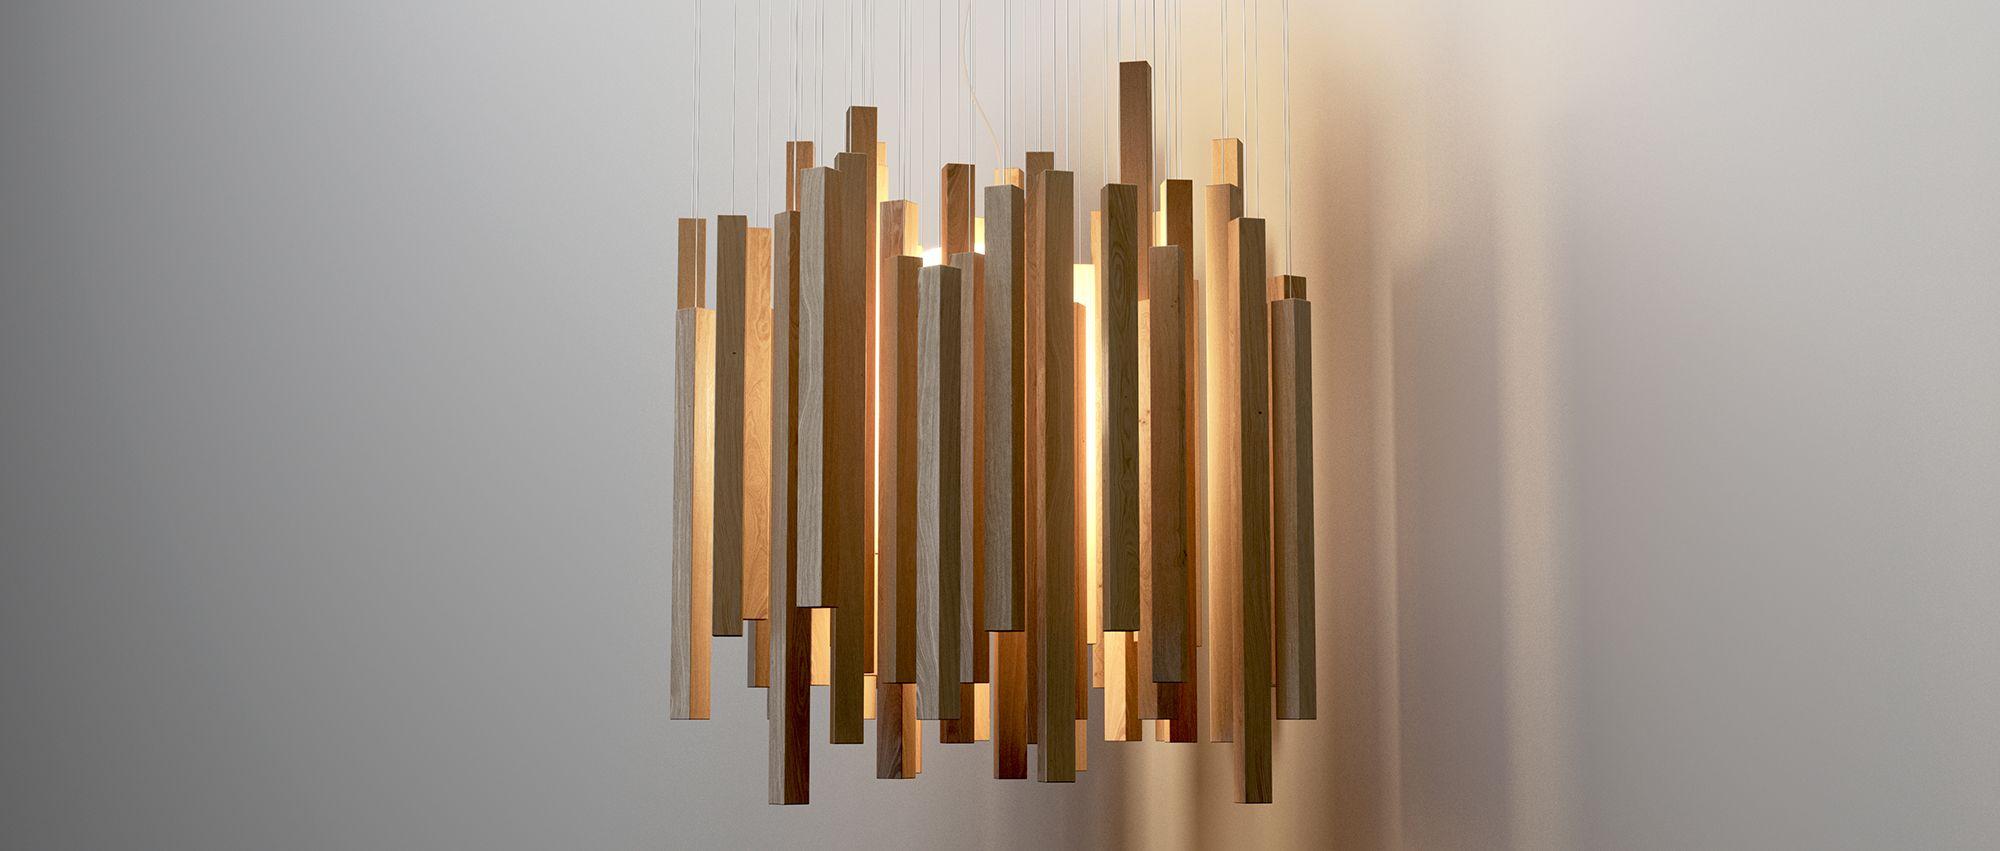 Catálogo Lámparas 3D Arturo